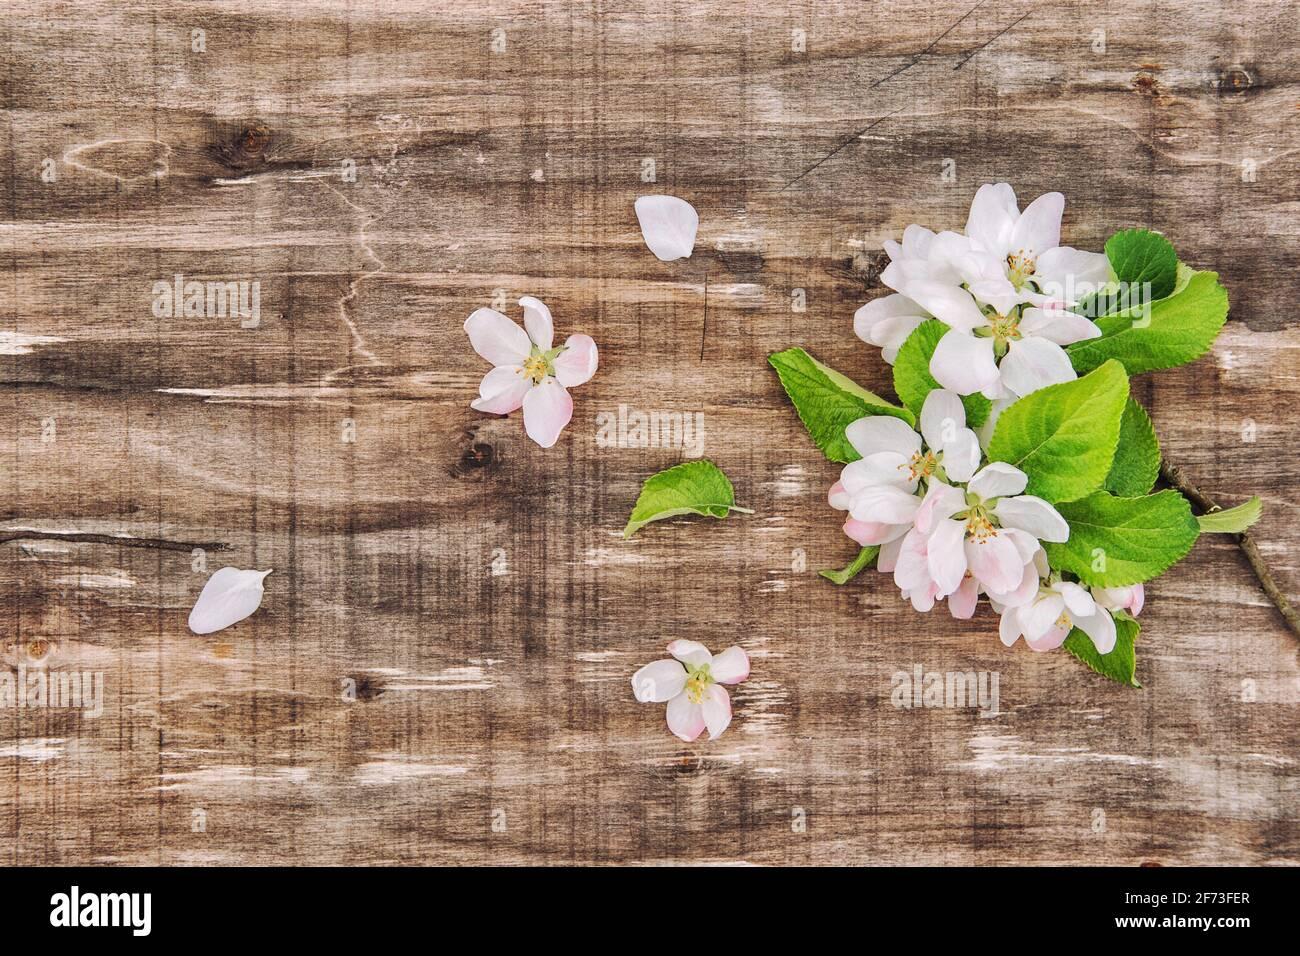 Fleurs printanières sur fond de bois. Fleurs d'arbre de pomme. Plat à motif fleuri Banque D'Images